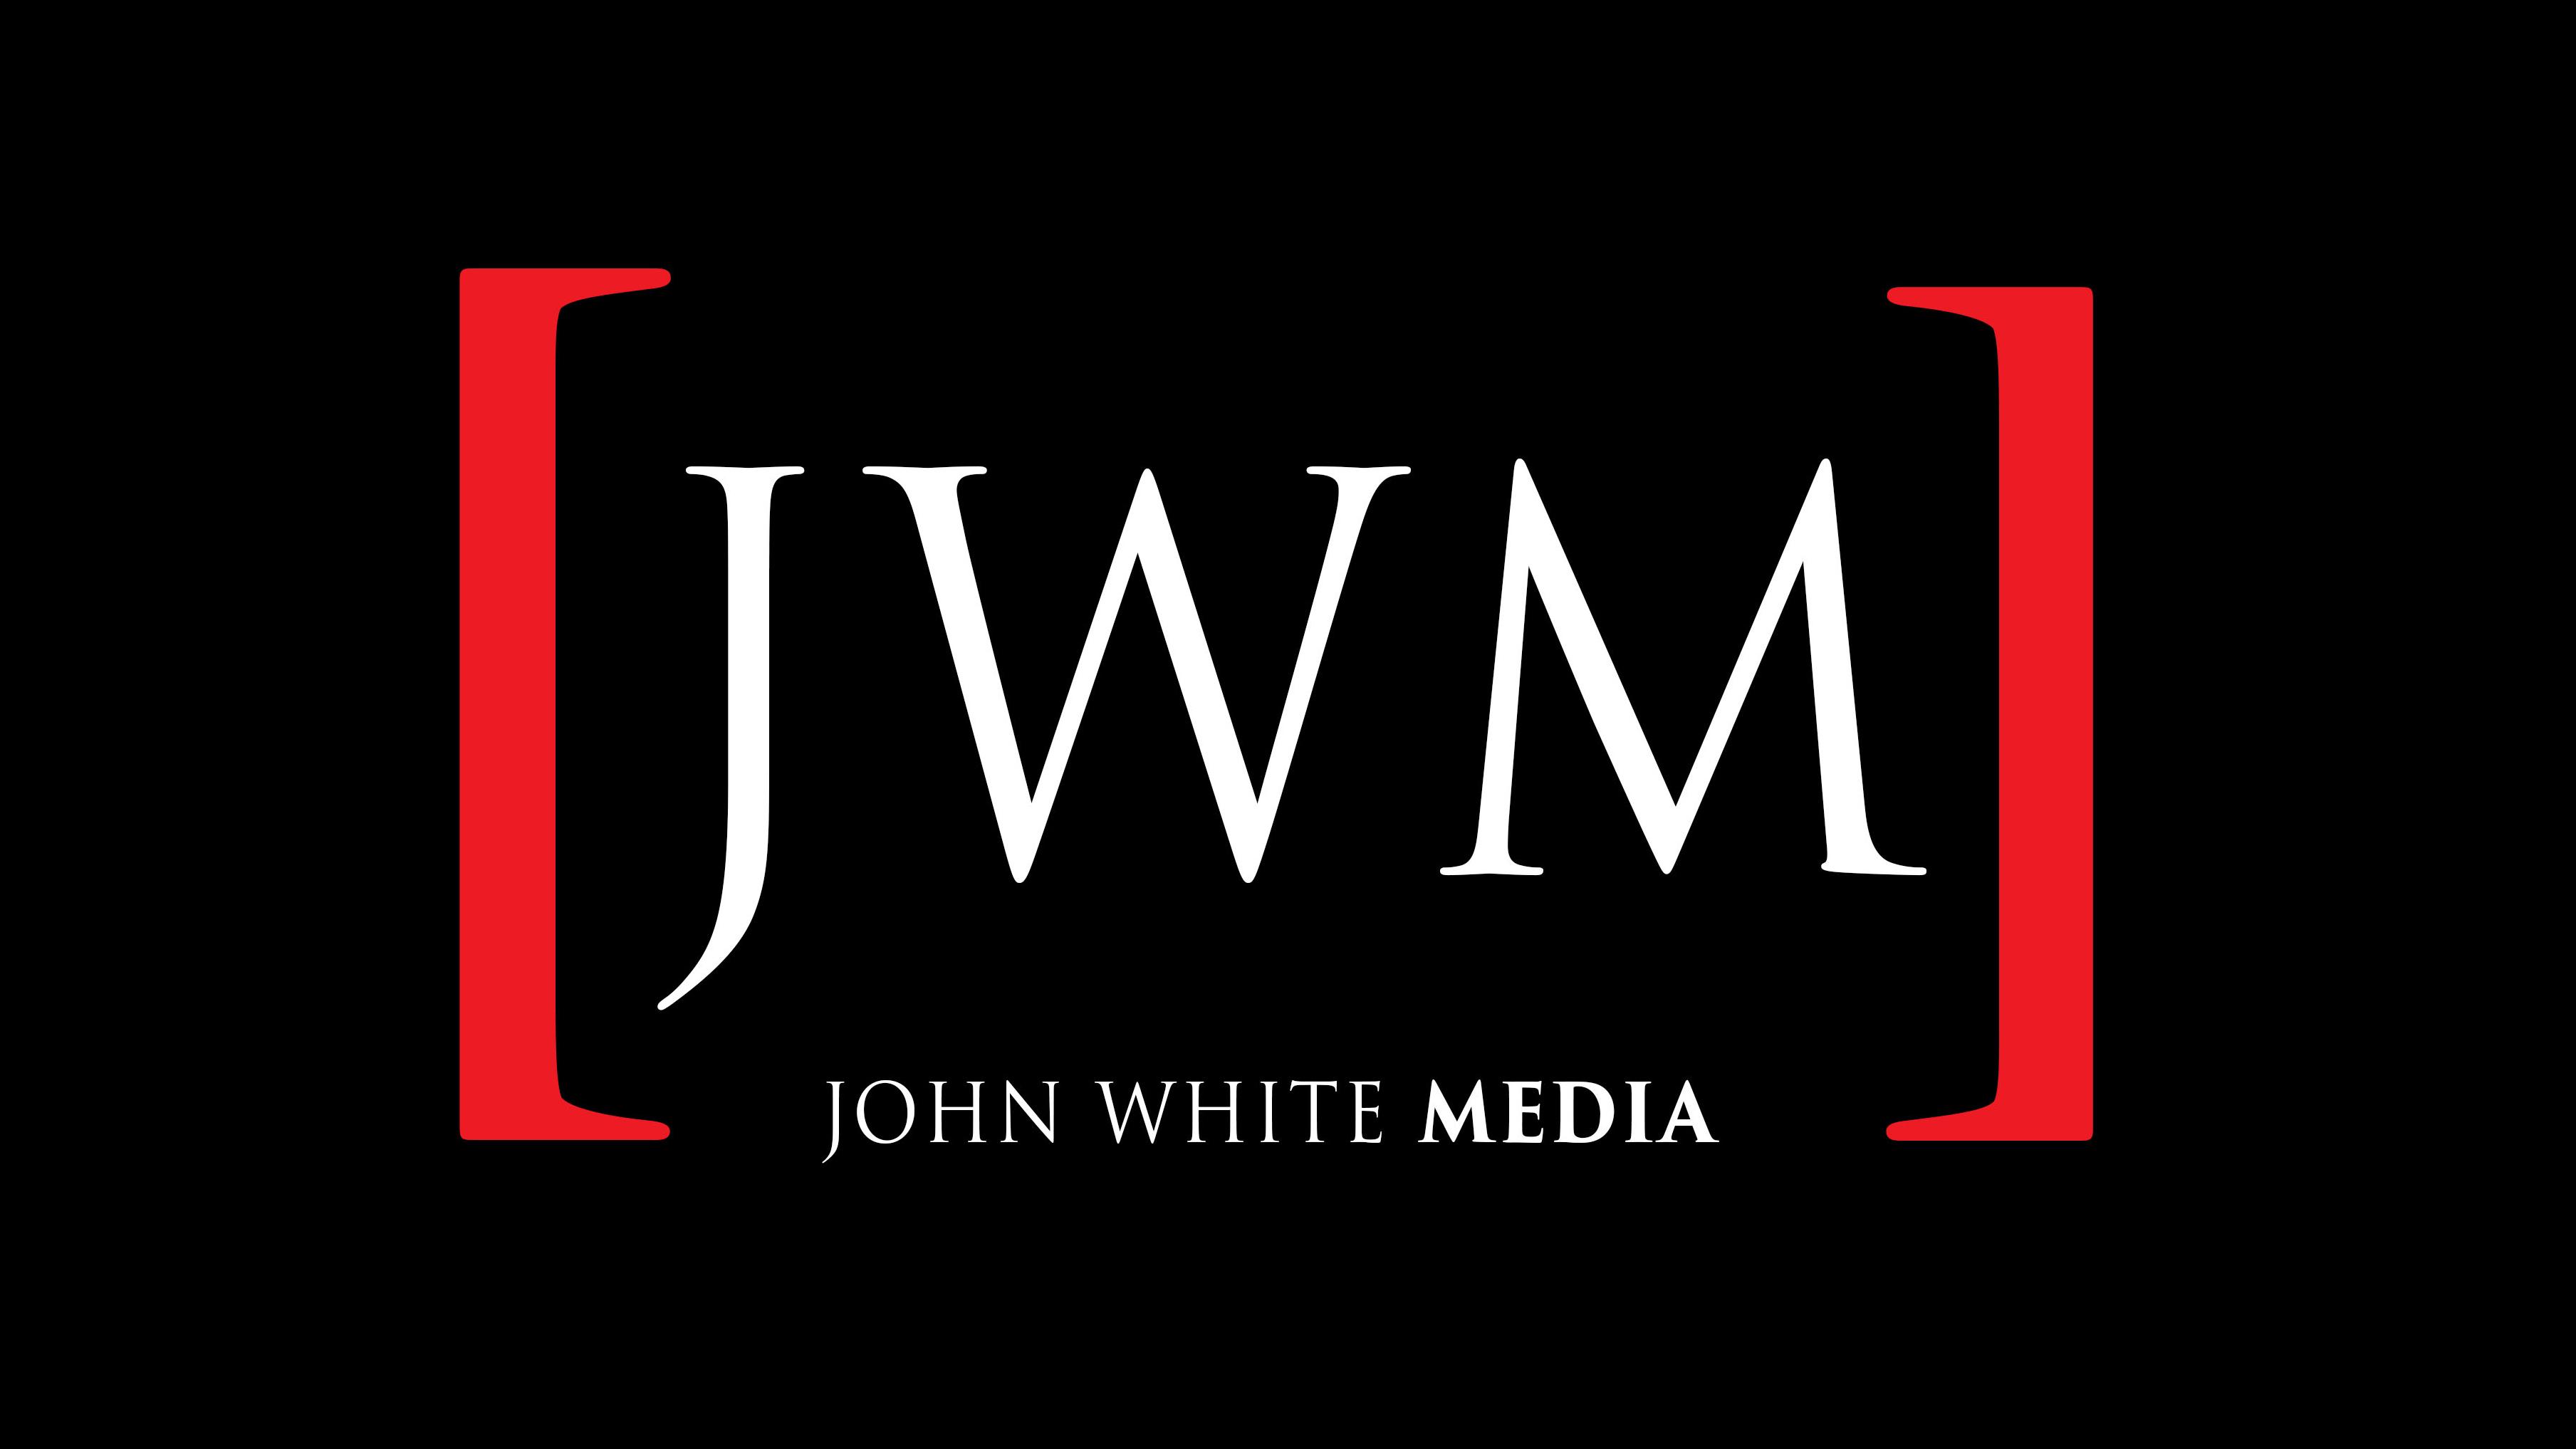 John White Media